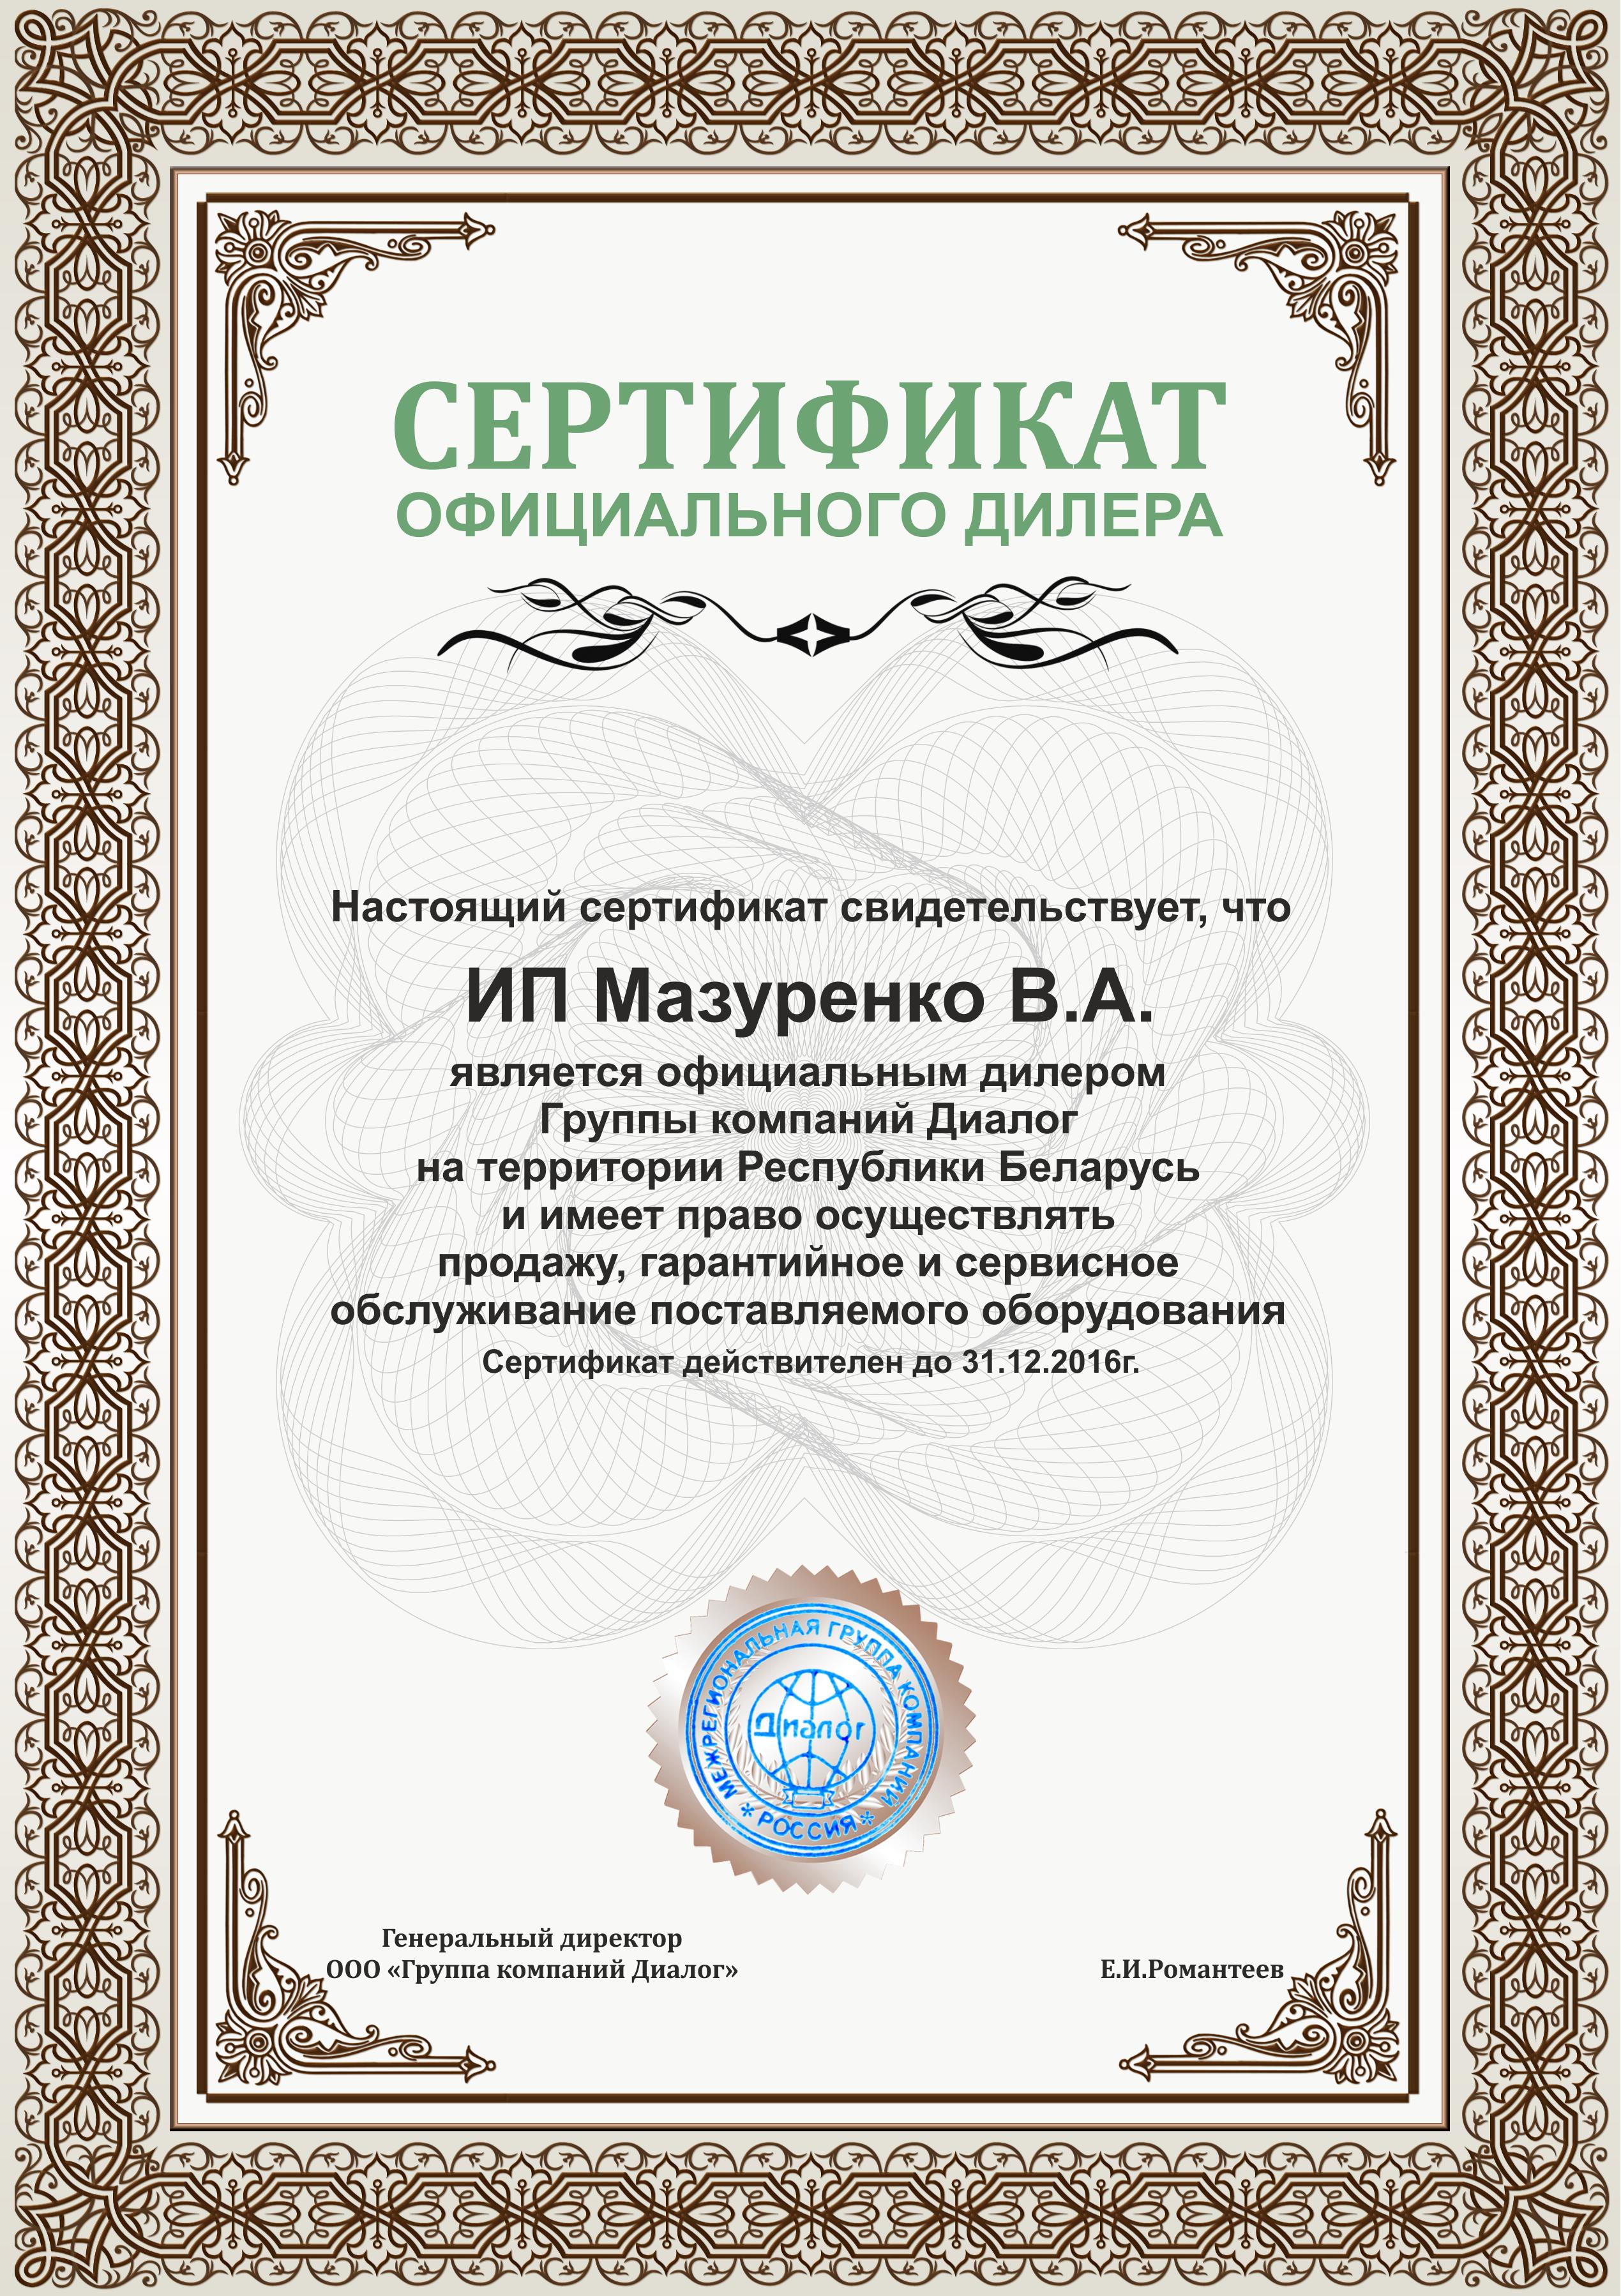 Официальное представительство ГК